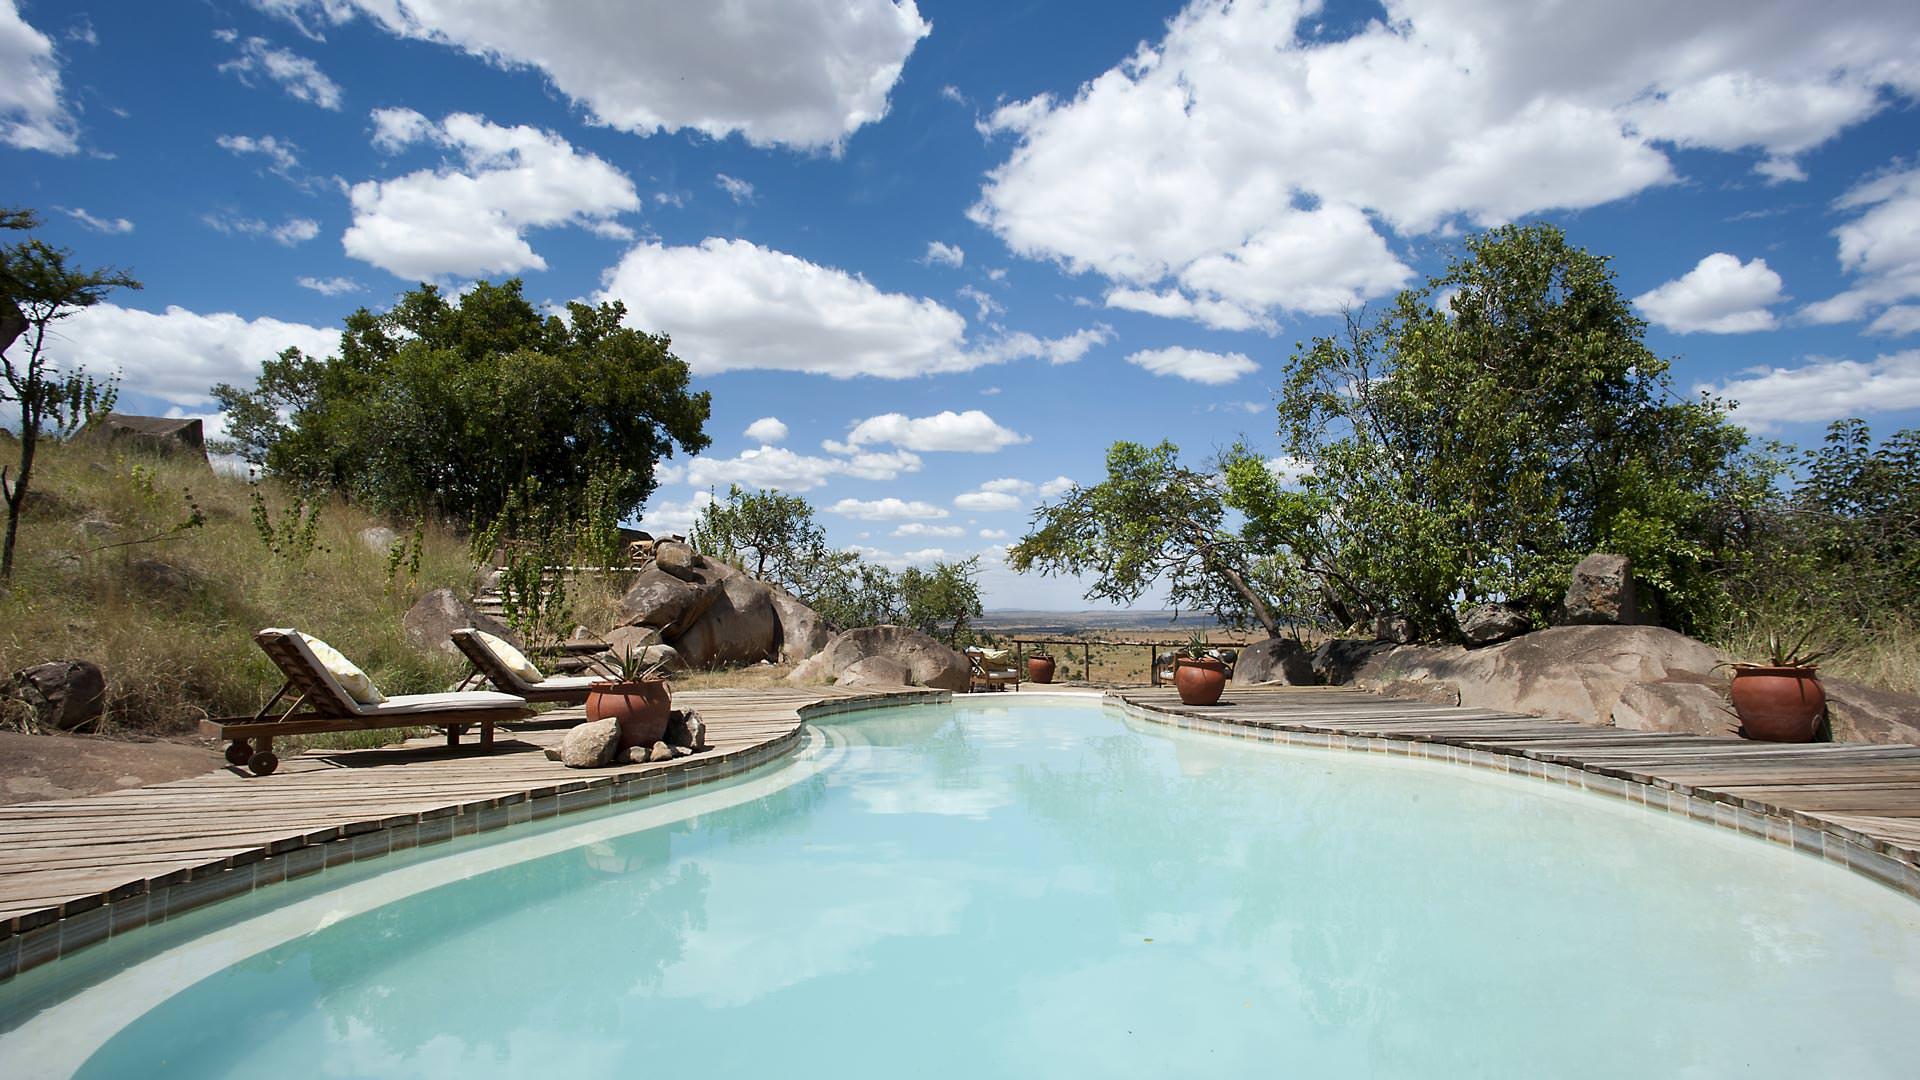 Pool at Lamai